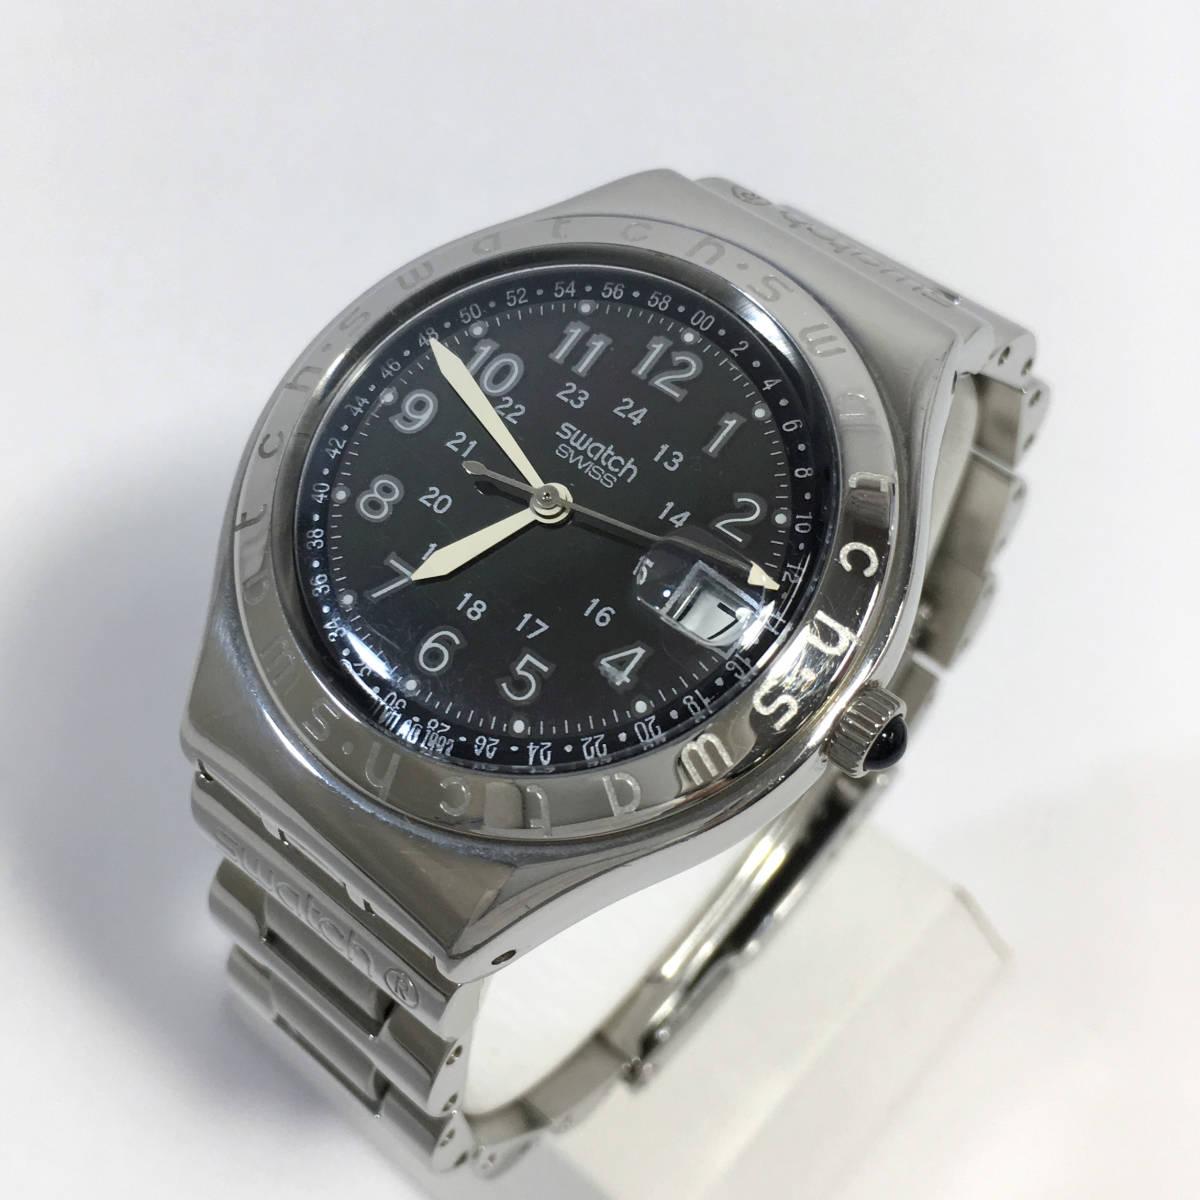 スウォッチ 腕時計 アイロニー AG1993 クォーツ デイト シルバー×ブラック Swatch Irony 電池交換済 稼働品